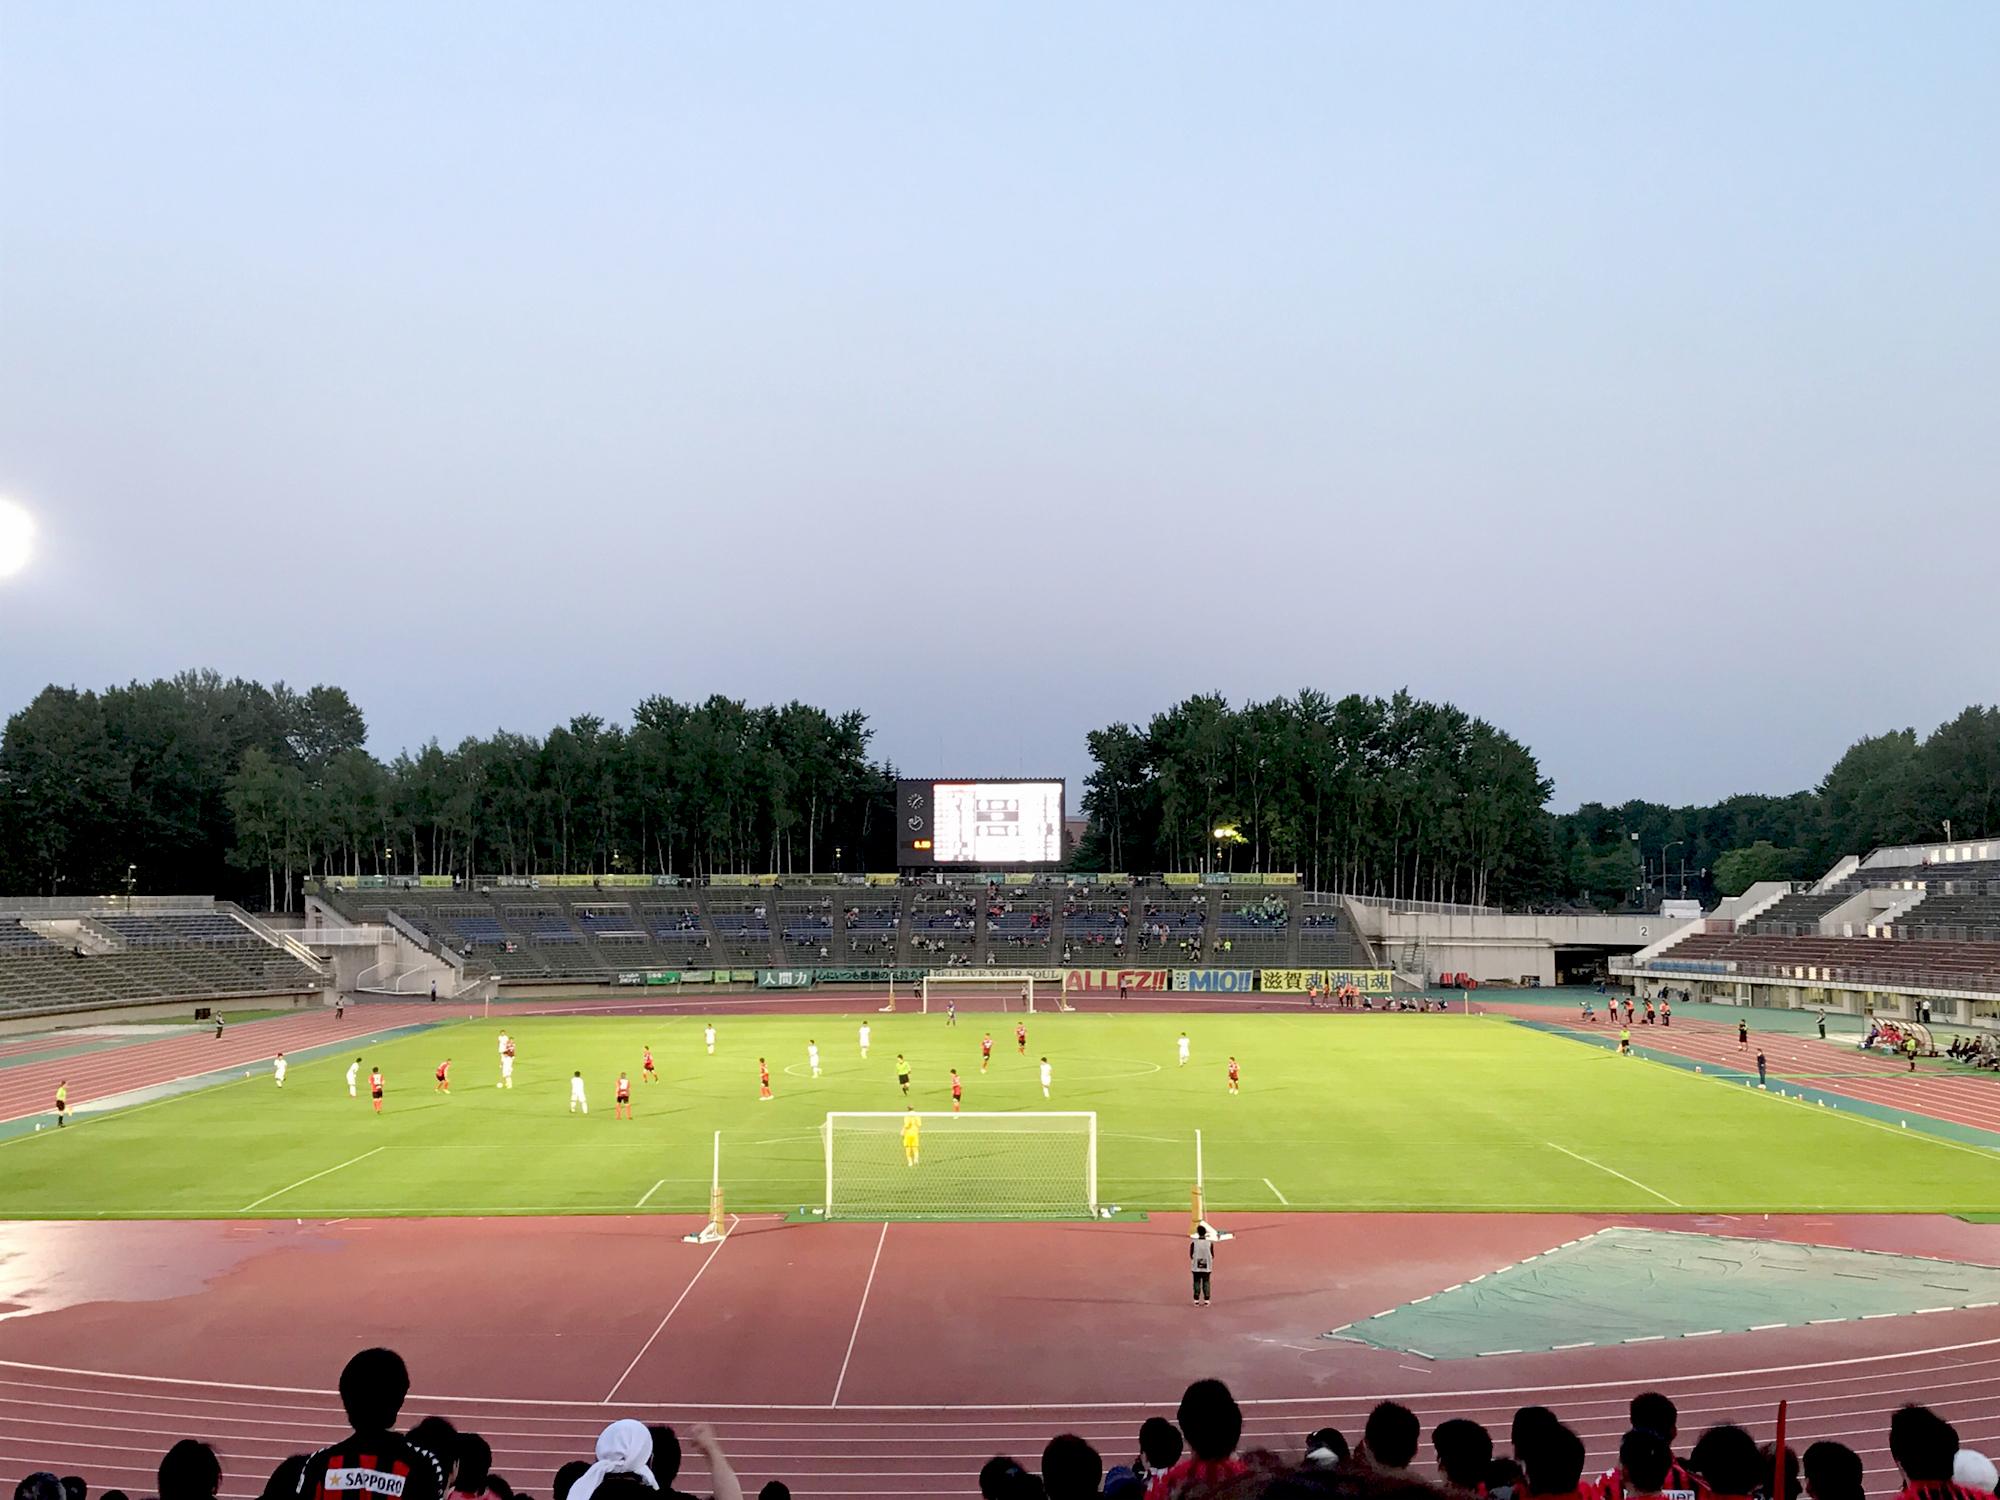 北海道コンサドーレ札幌 vs MIOびわこ滋賀(天皇杯2回戦)